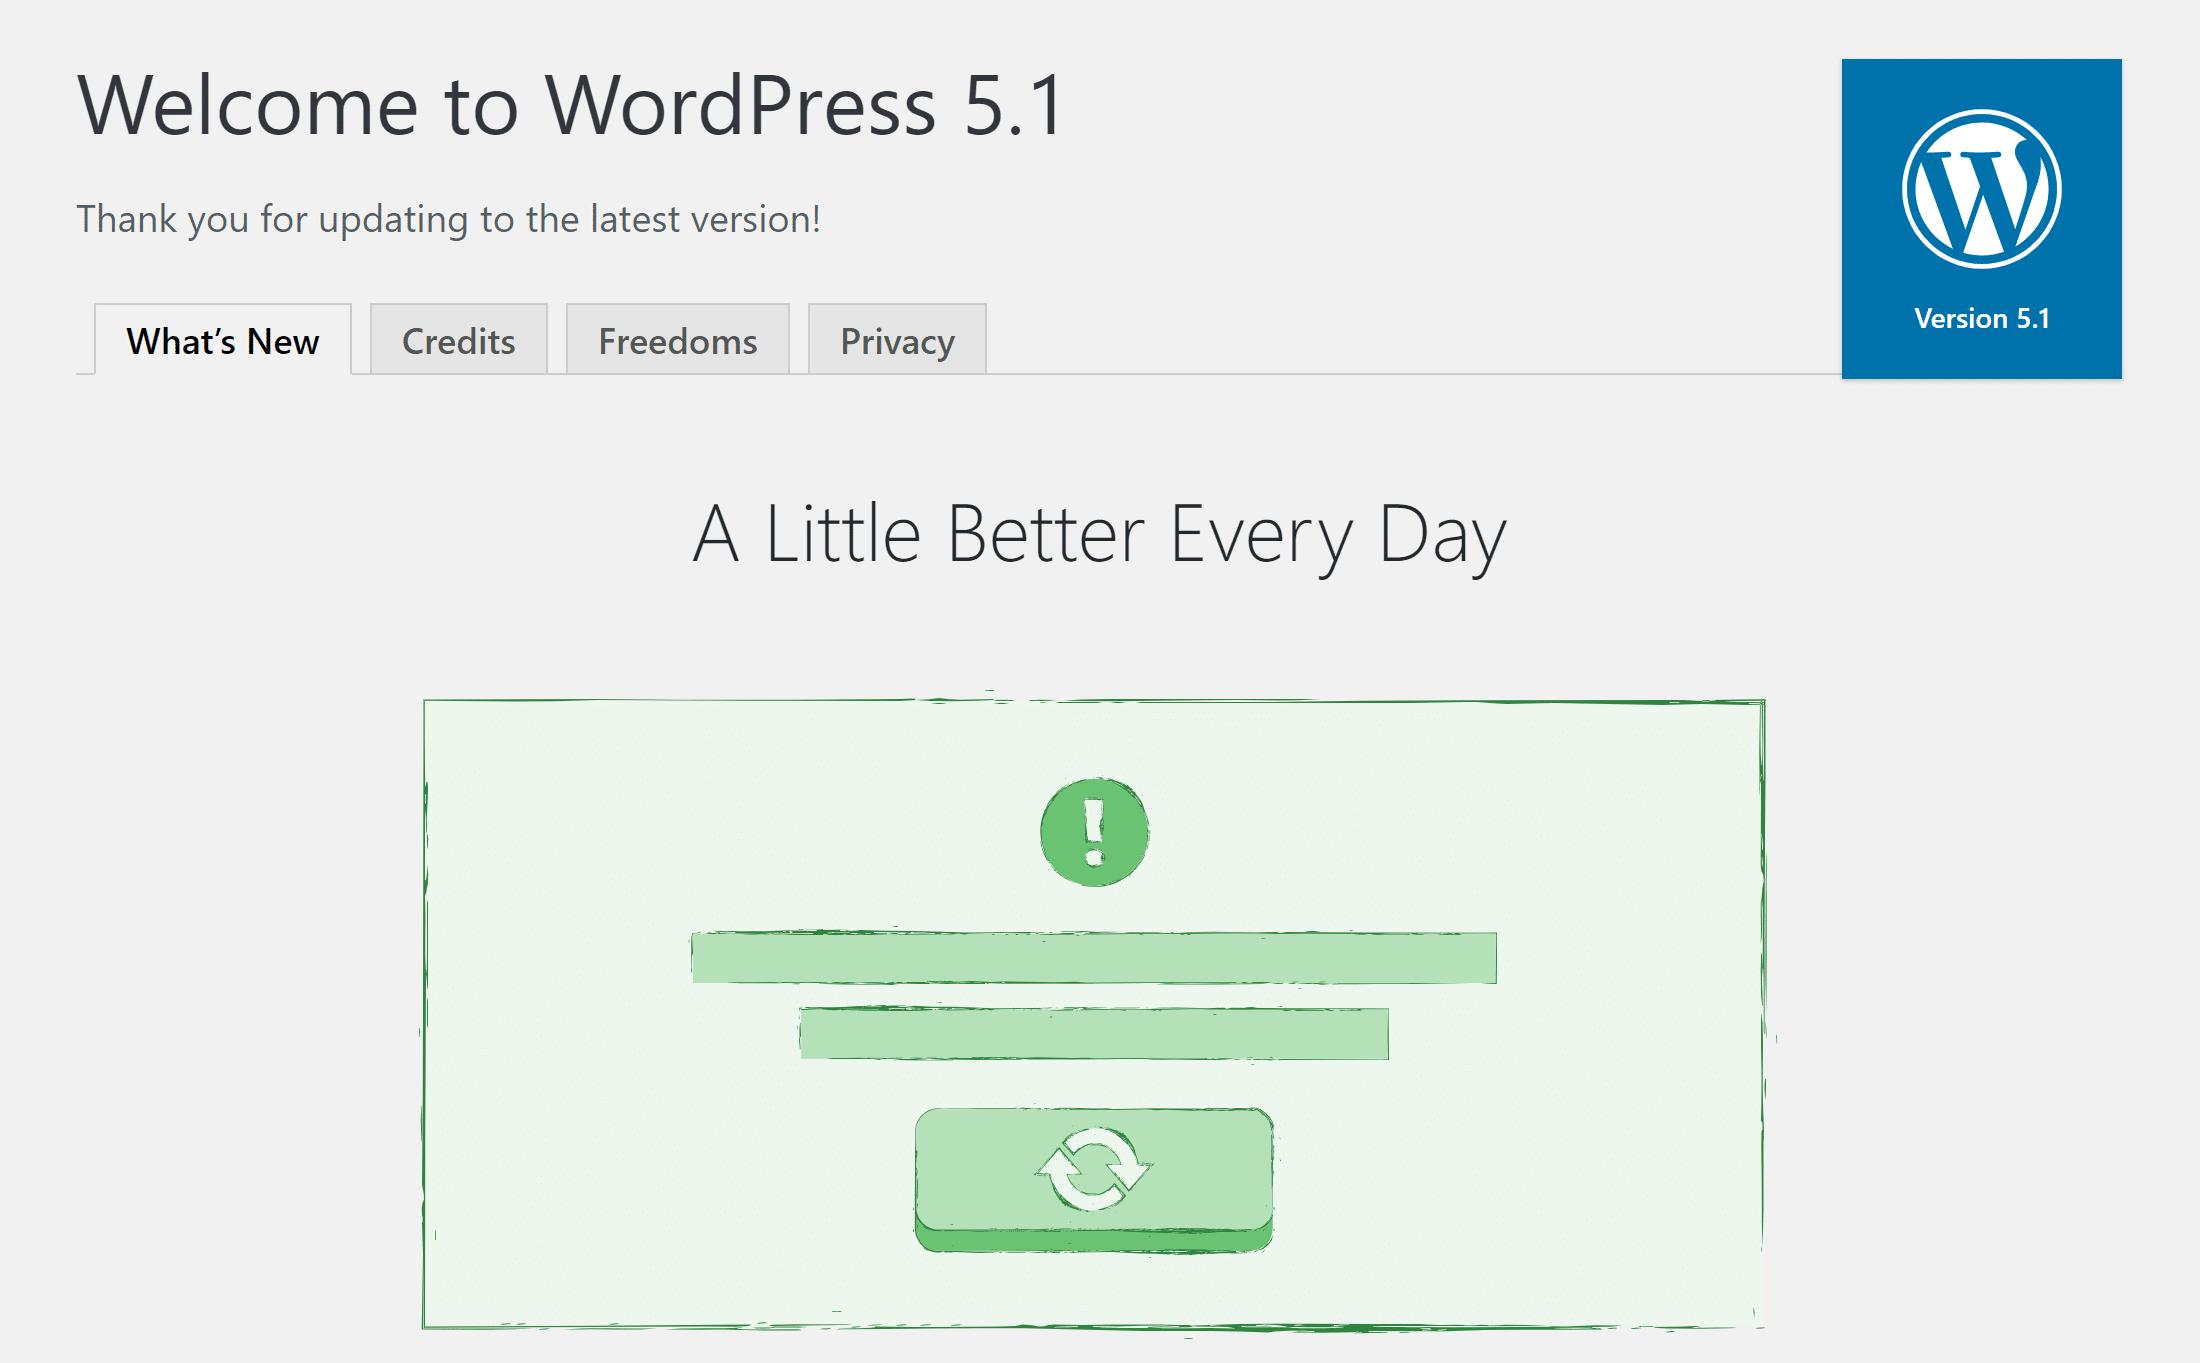 La schermata di benvenuto in WordPress 5.1